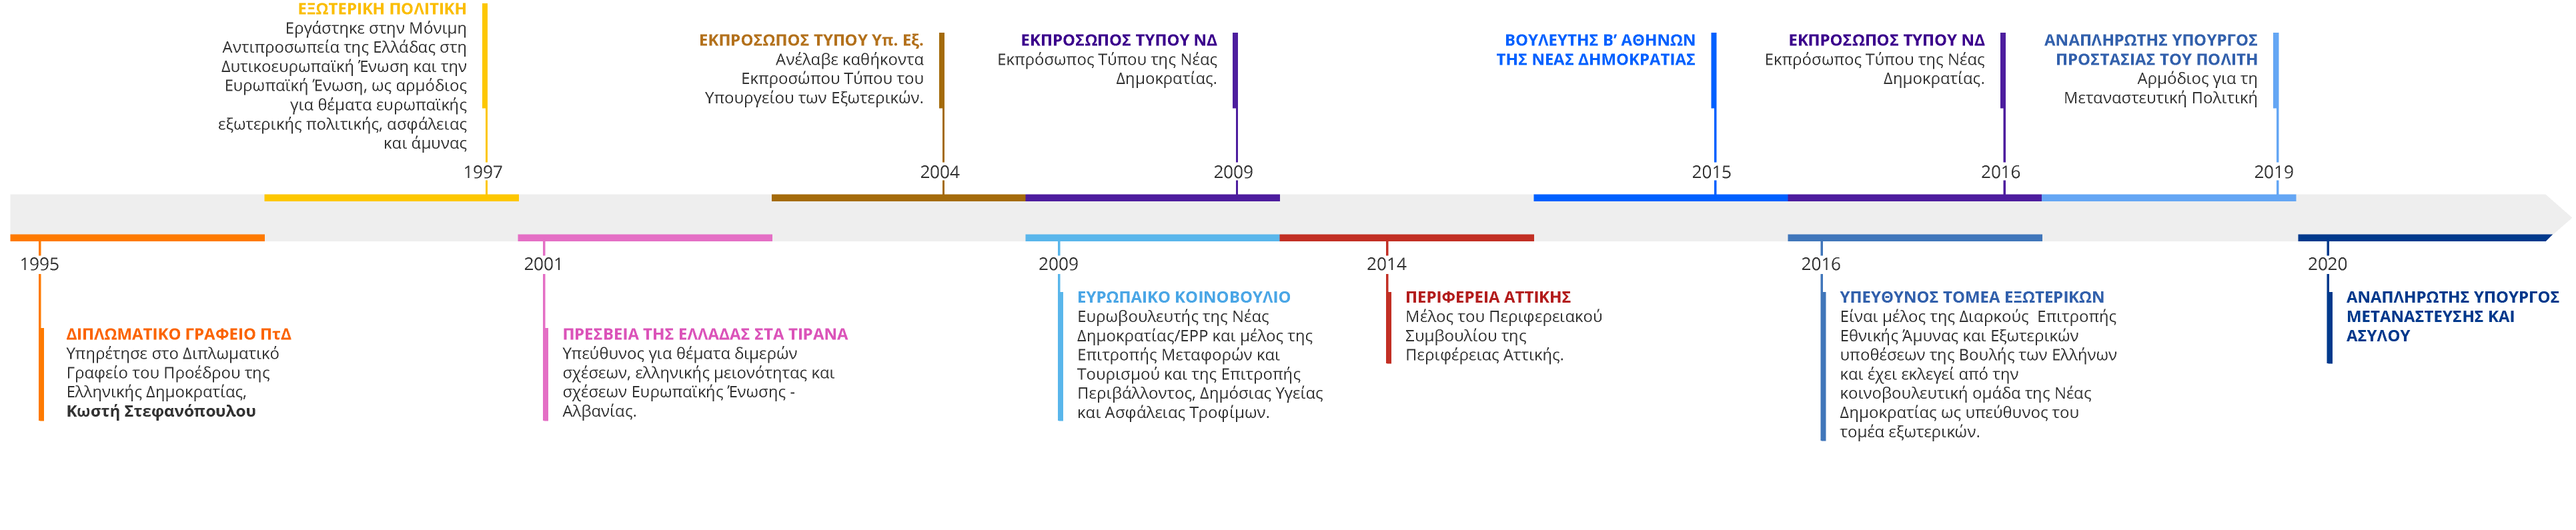 Γιώργος Κουμουτσάκος - timeline